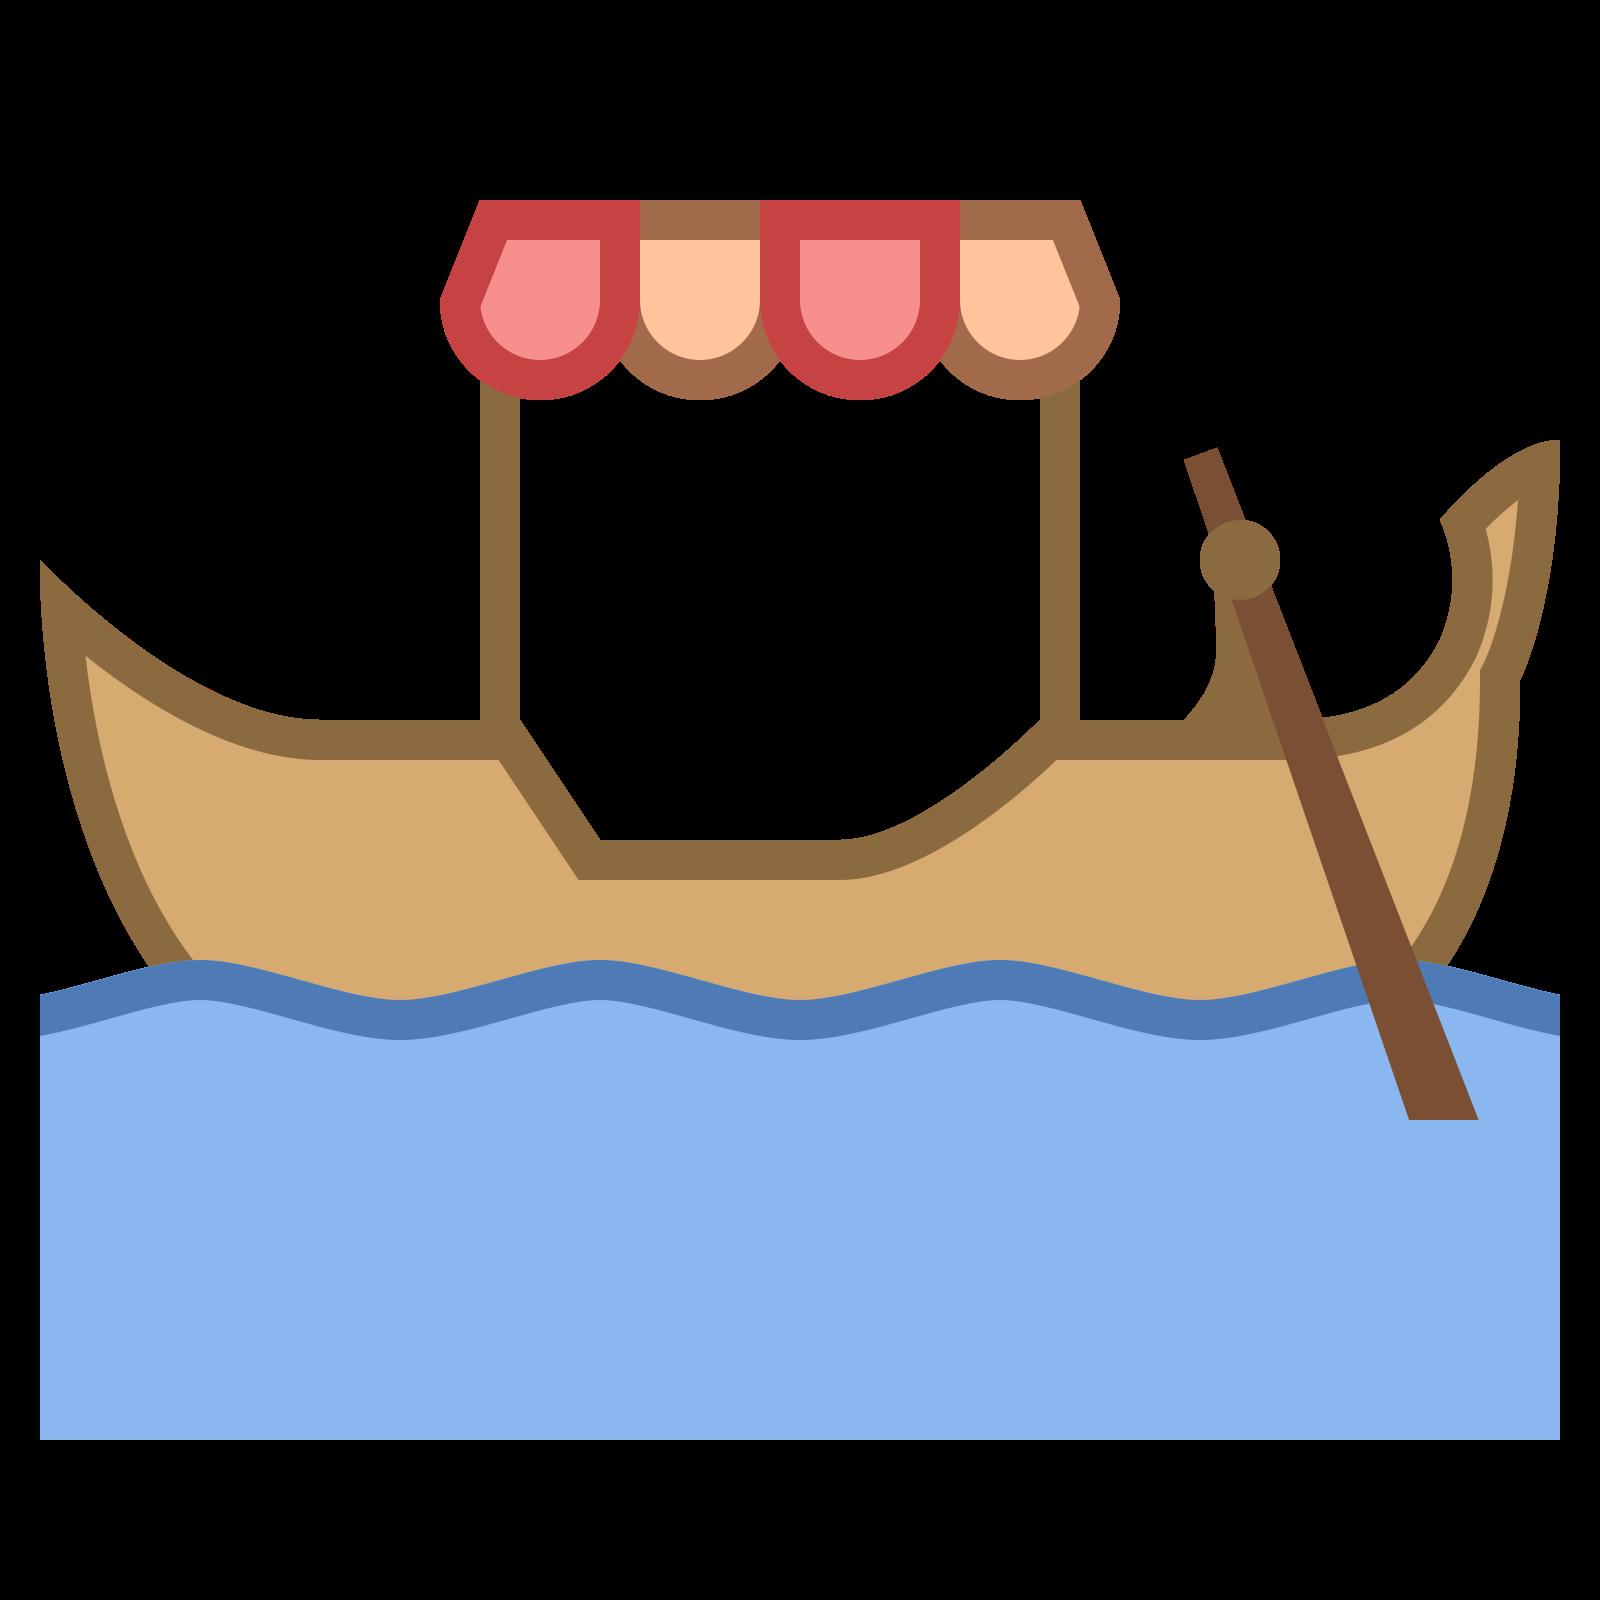 Gondel icon